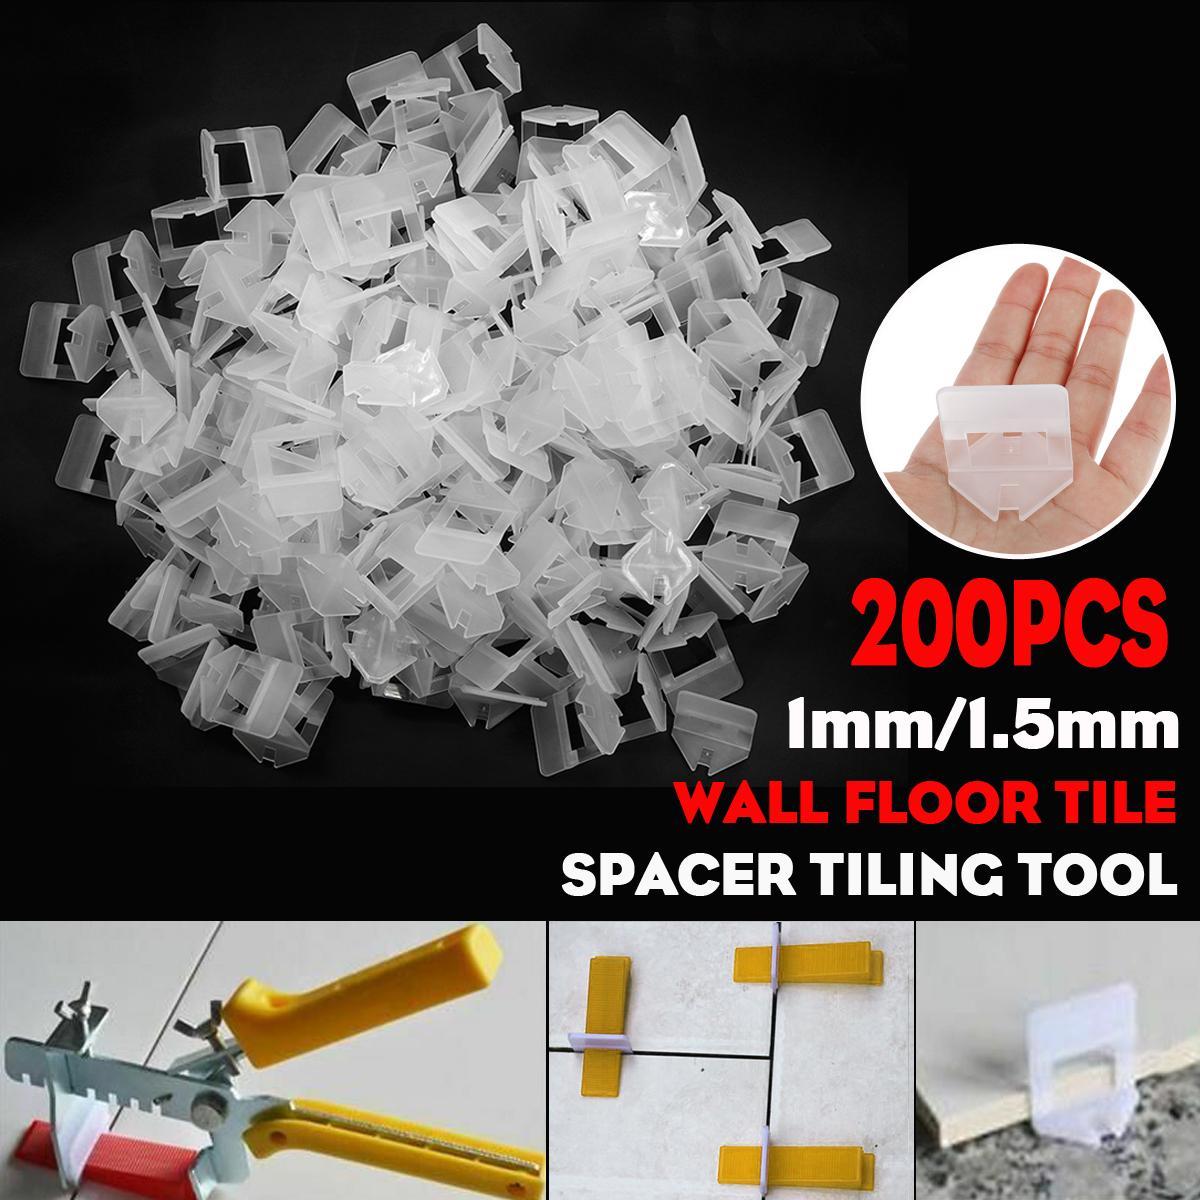 1 0mm clip tile leveling system kit